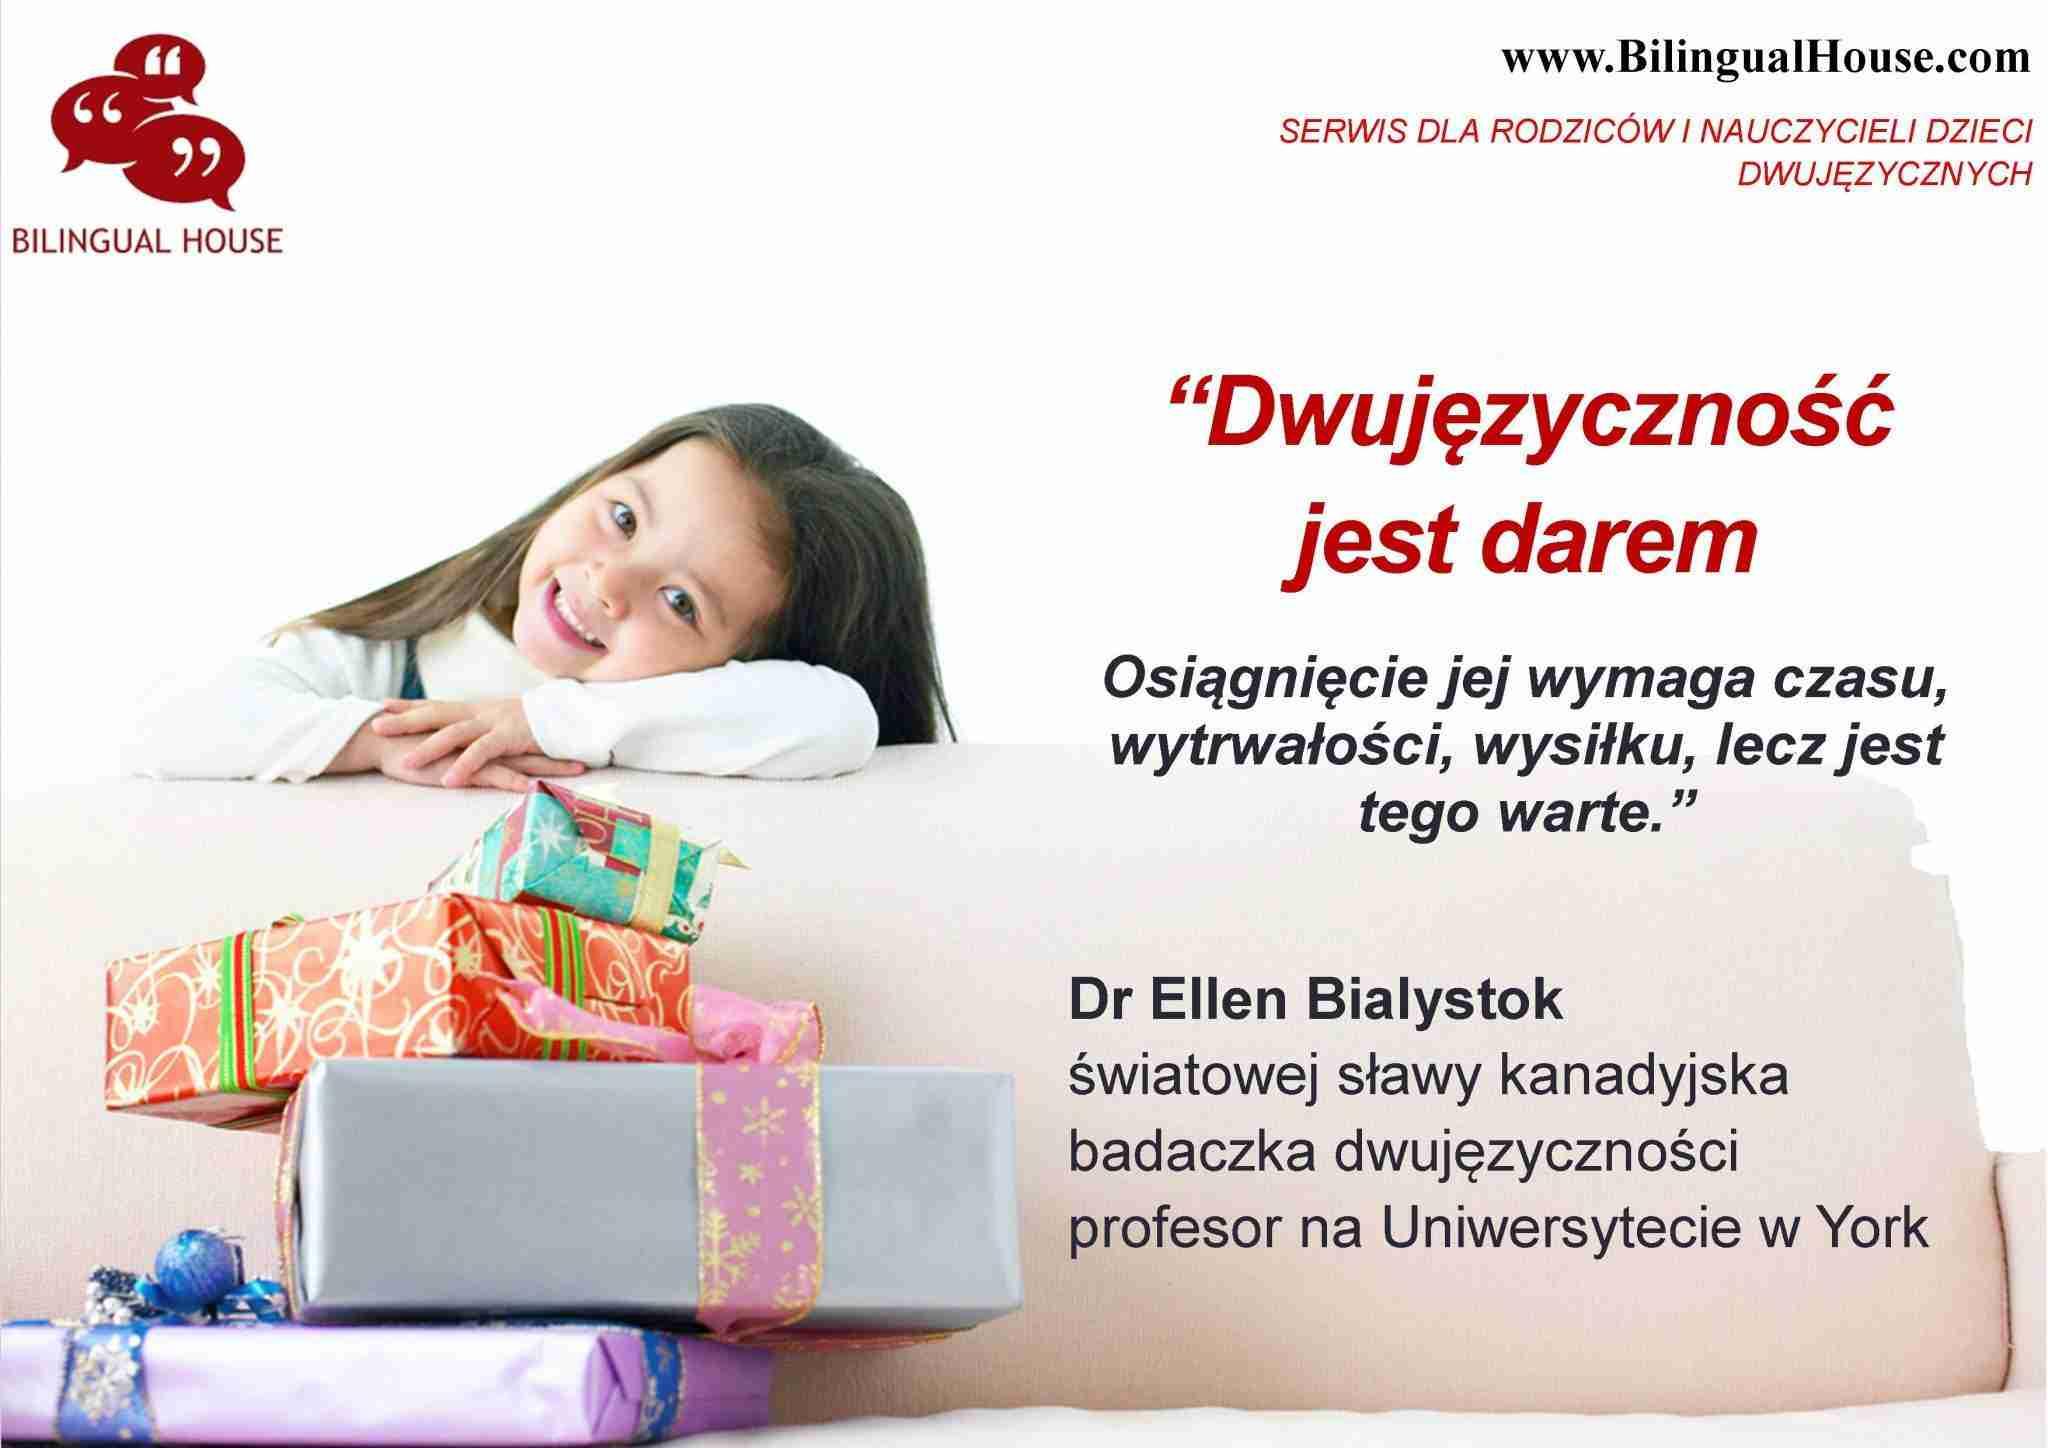 dwujęzyczność jest darem